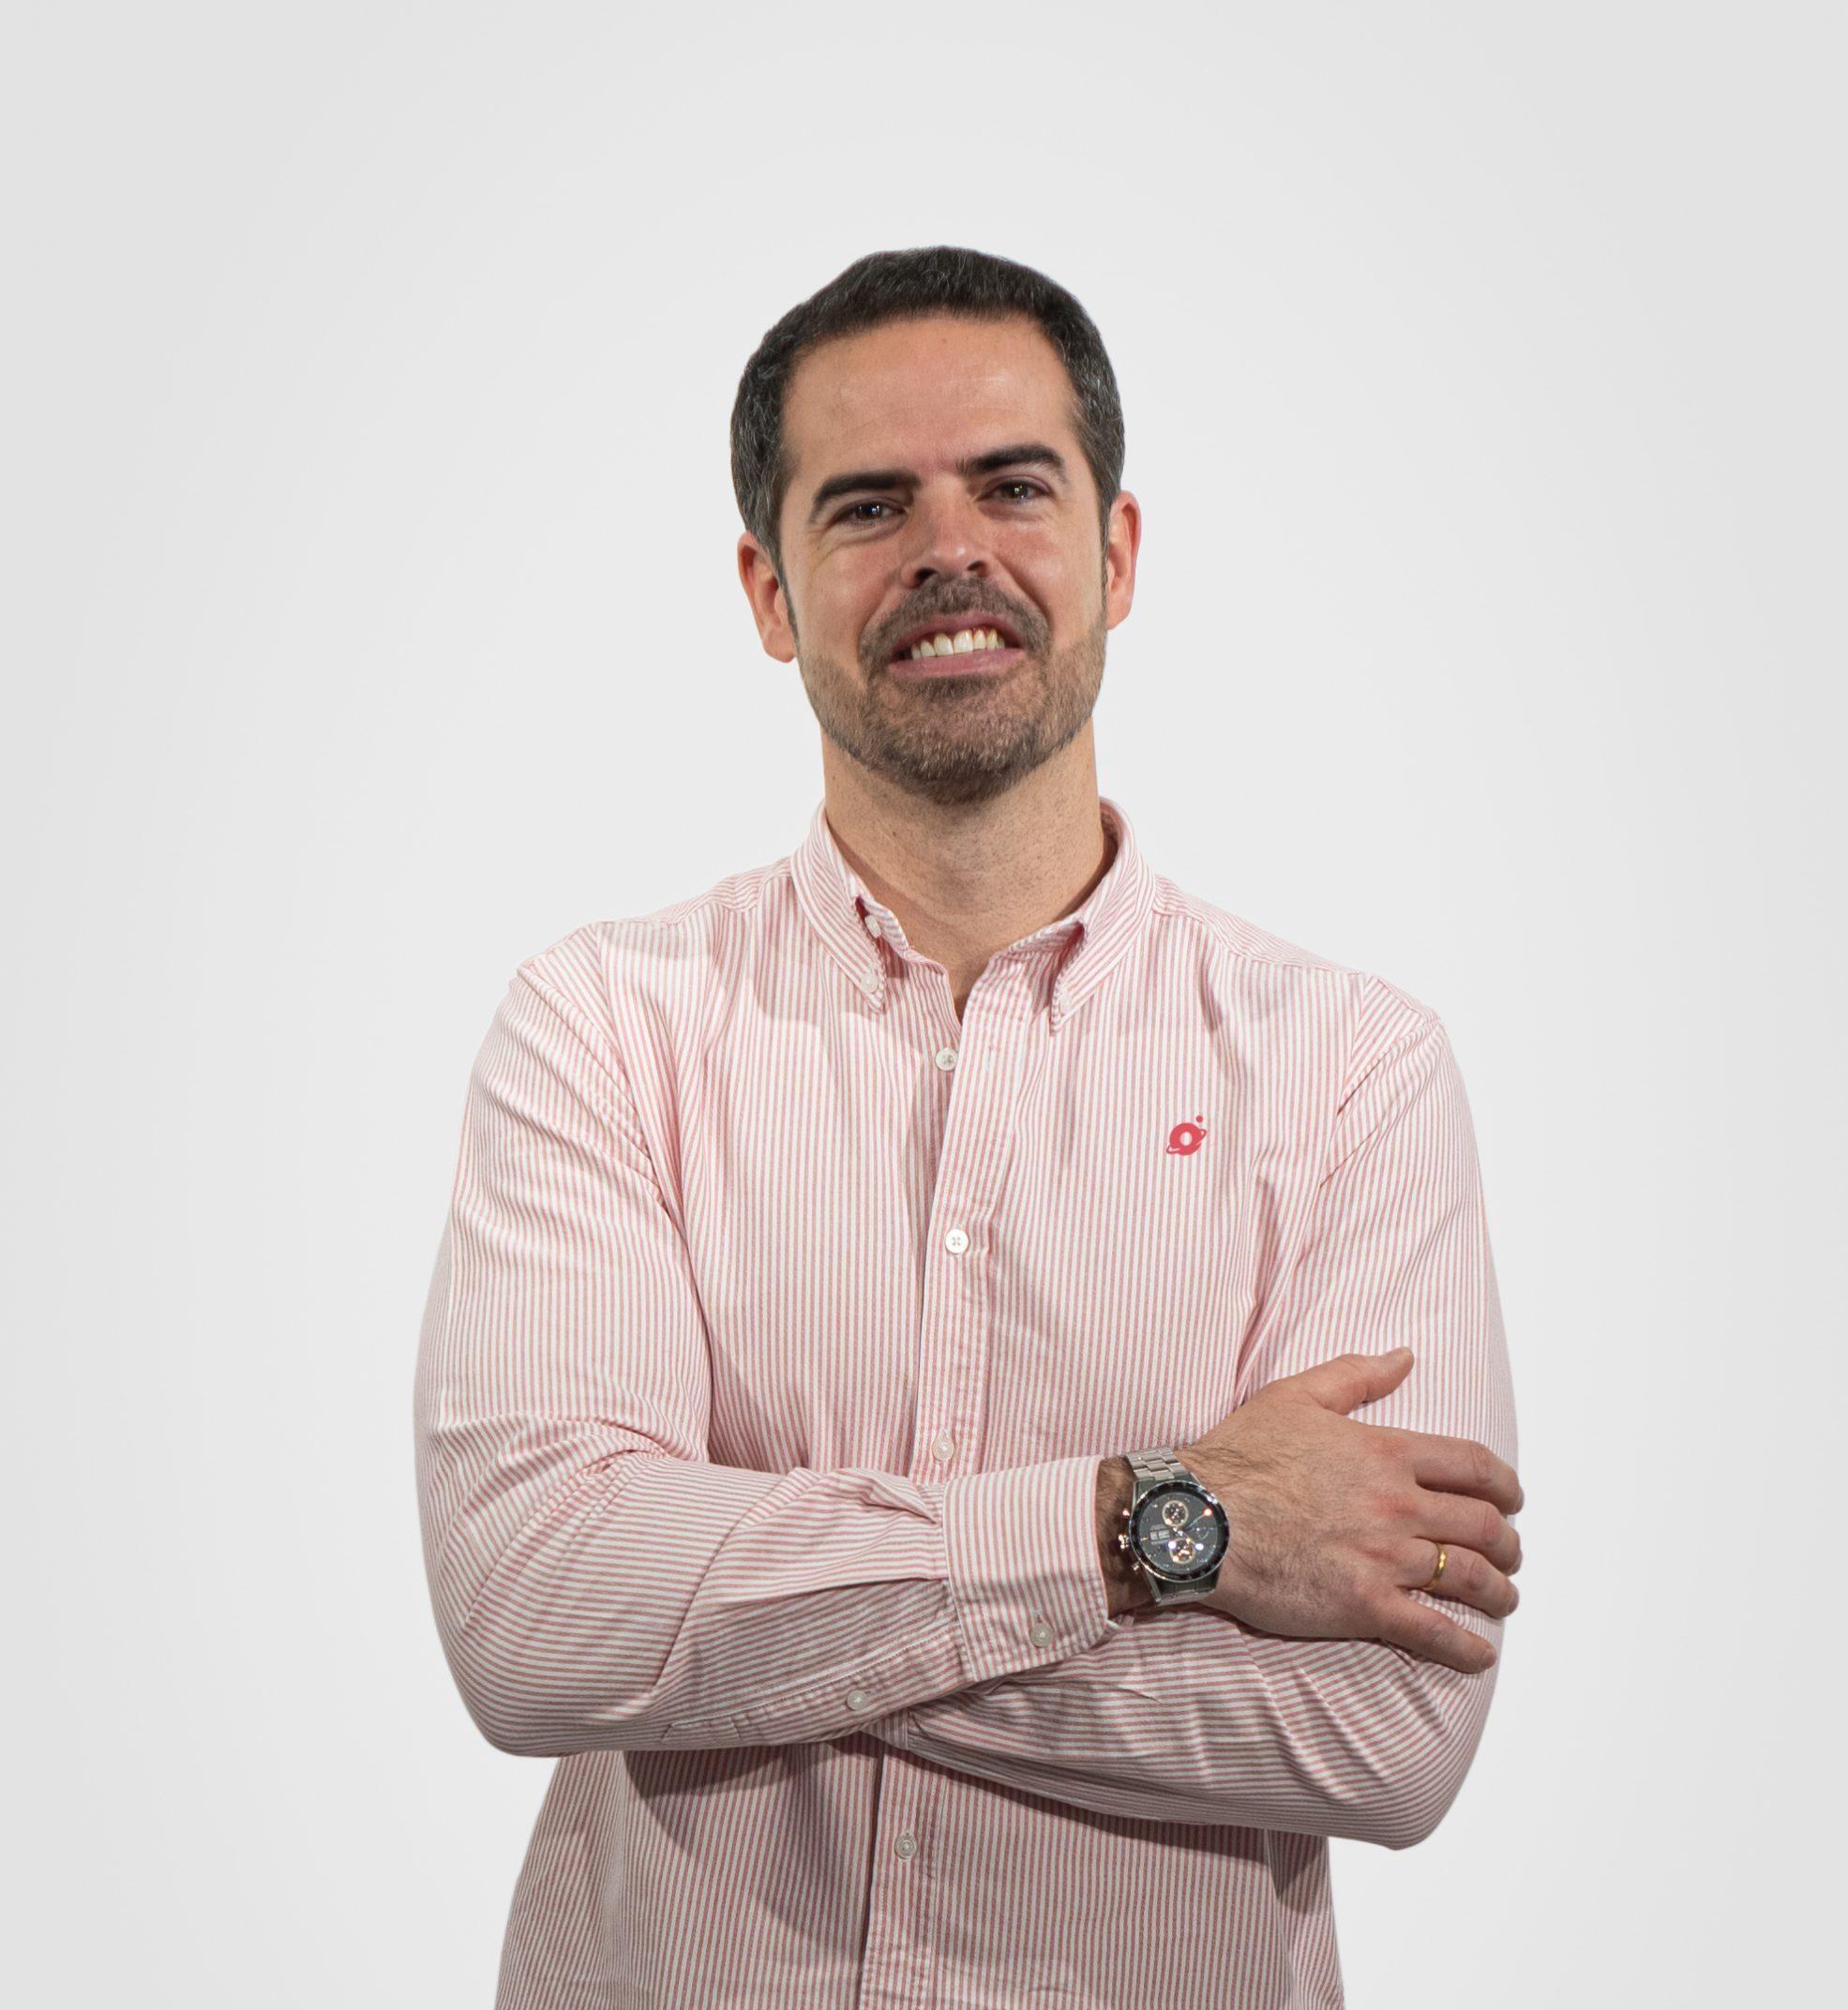 Carlos Seoane